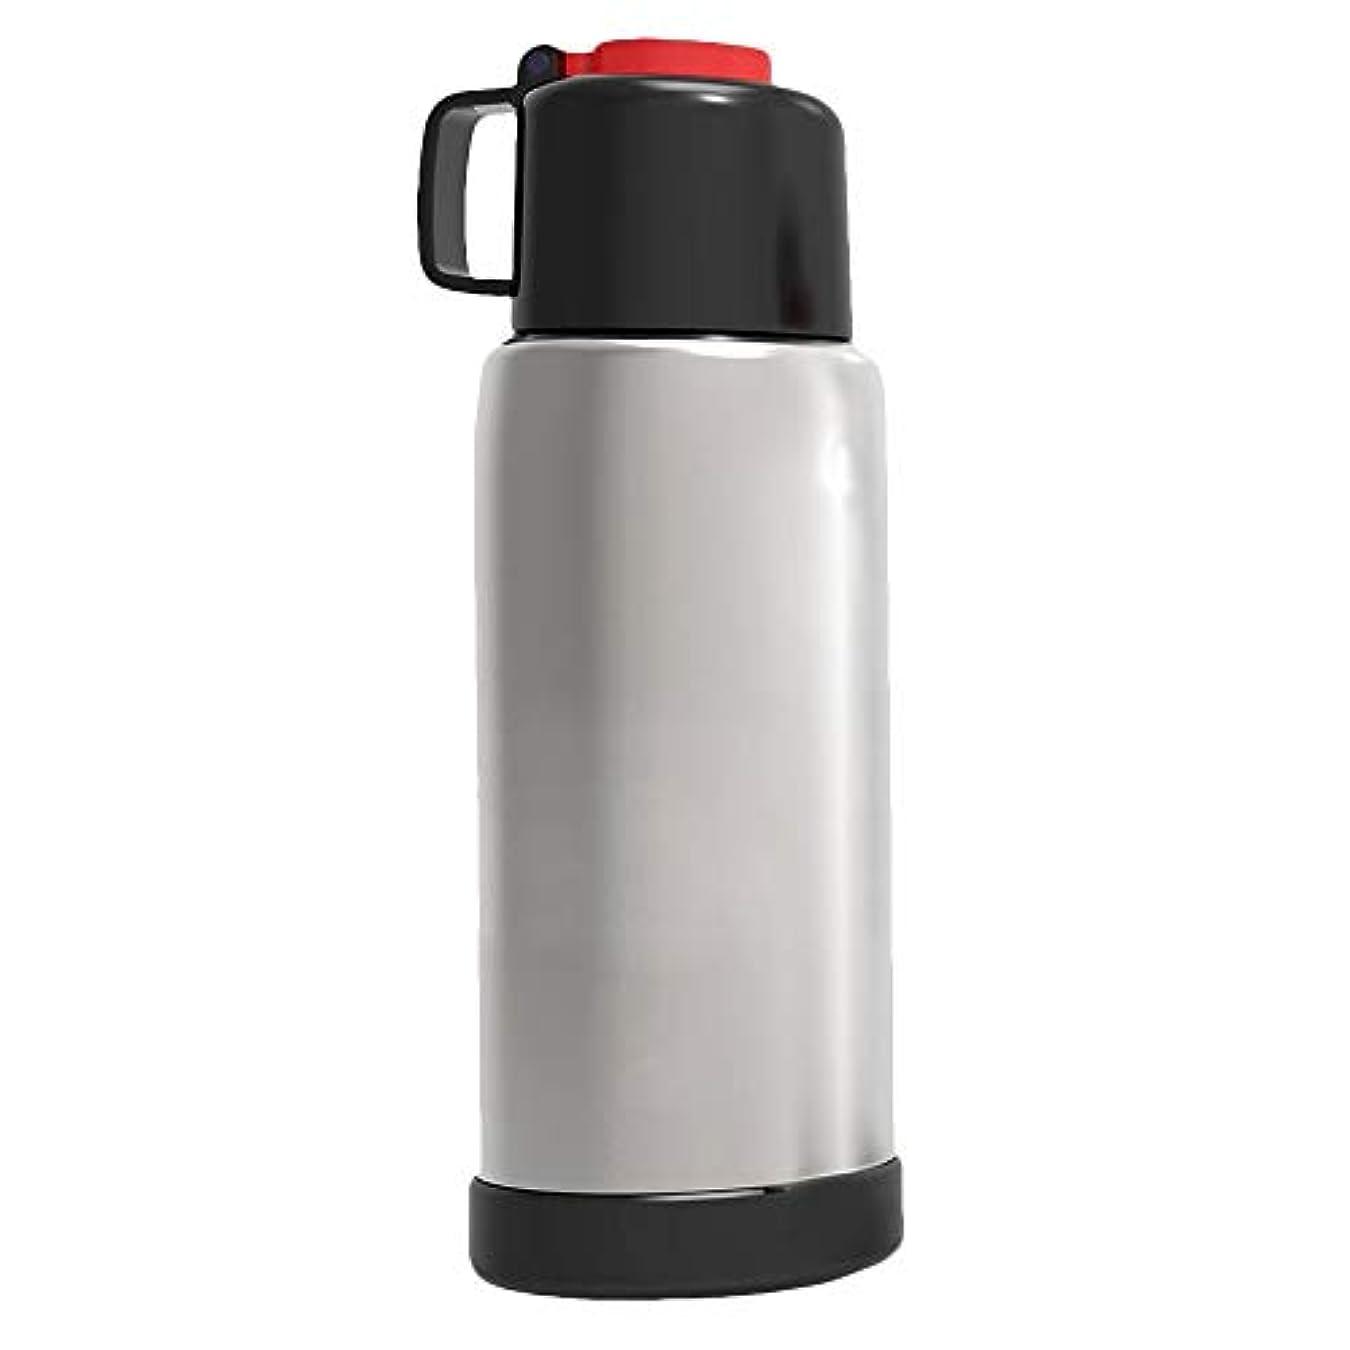 省アレキサンダーグラハムベル用心する大型スポーツウォーターボトル 2.2リットル BPAフリー プラスチック 軽量 巨大 水筒 漏れ防止 大容量 ウォータージャグコンテナ キャリーループ付き フィットネス キャンプ ハイキング ジム用 (ブラック)